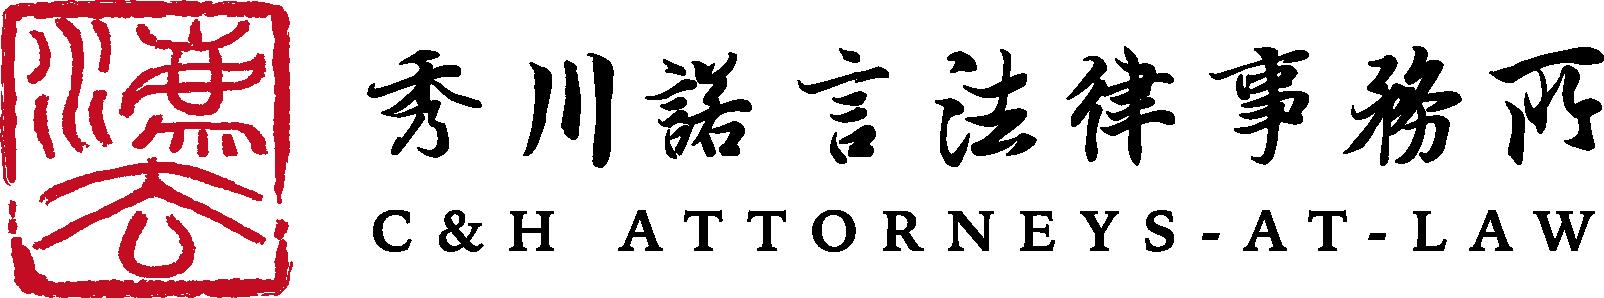 秀川諾言法律事務所-台北法律事務所,大同區法律事務所